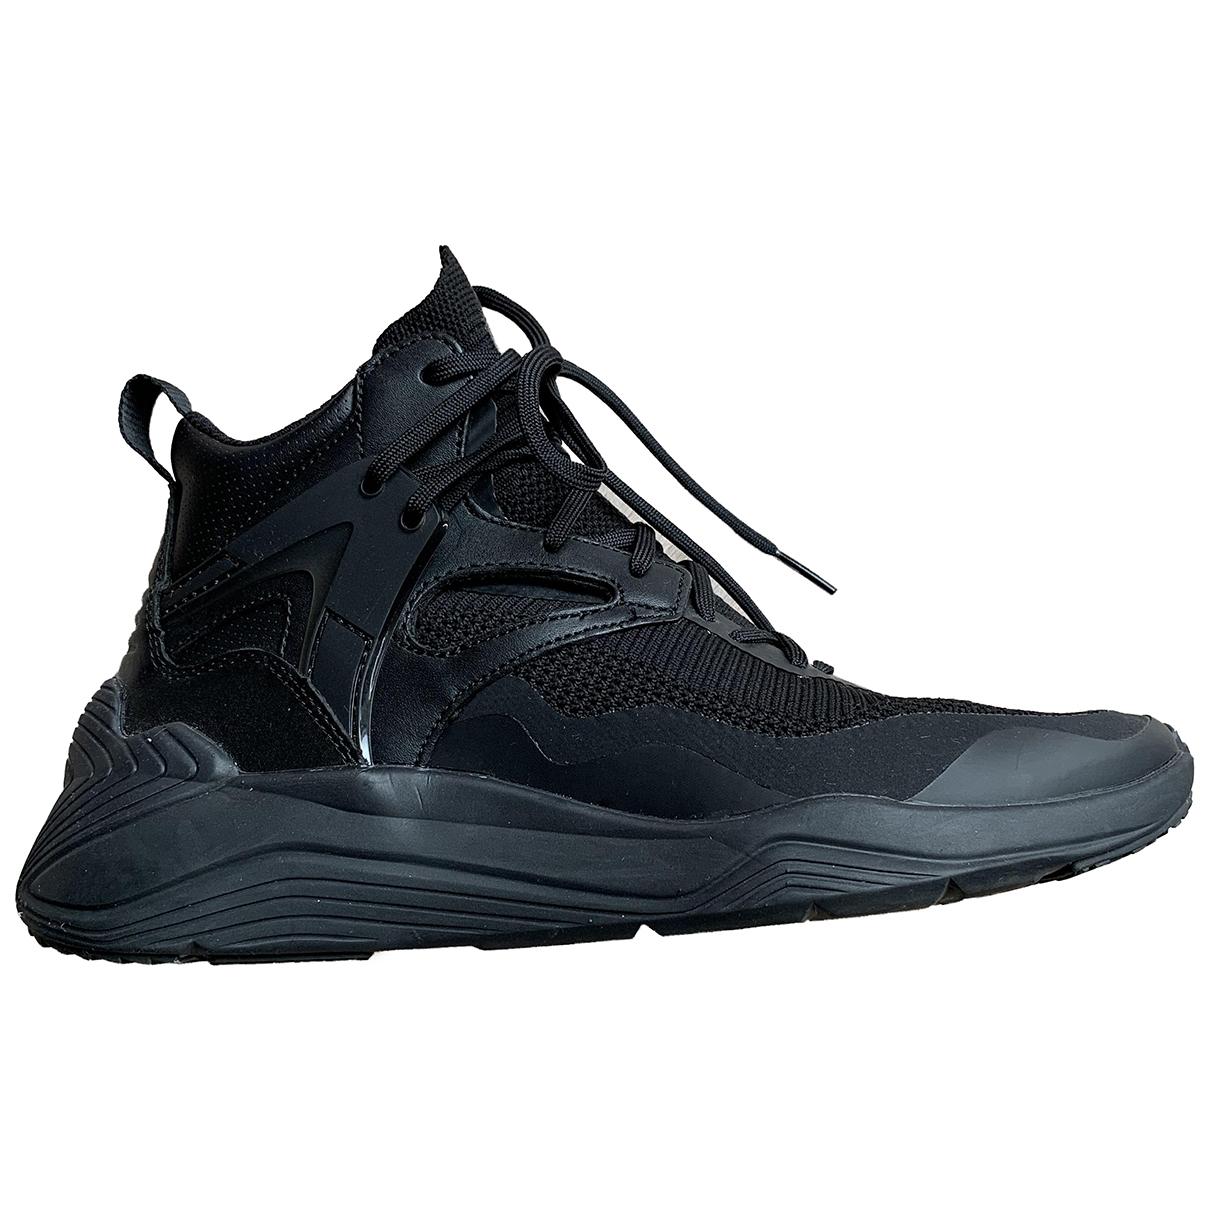 Mcq - Baskets   pour femme en toile - noir